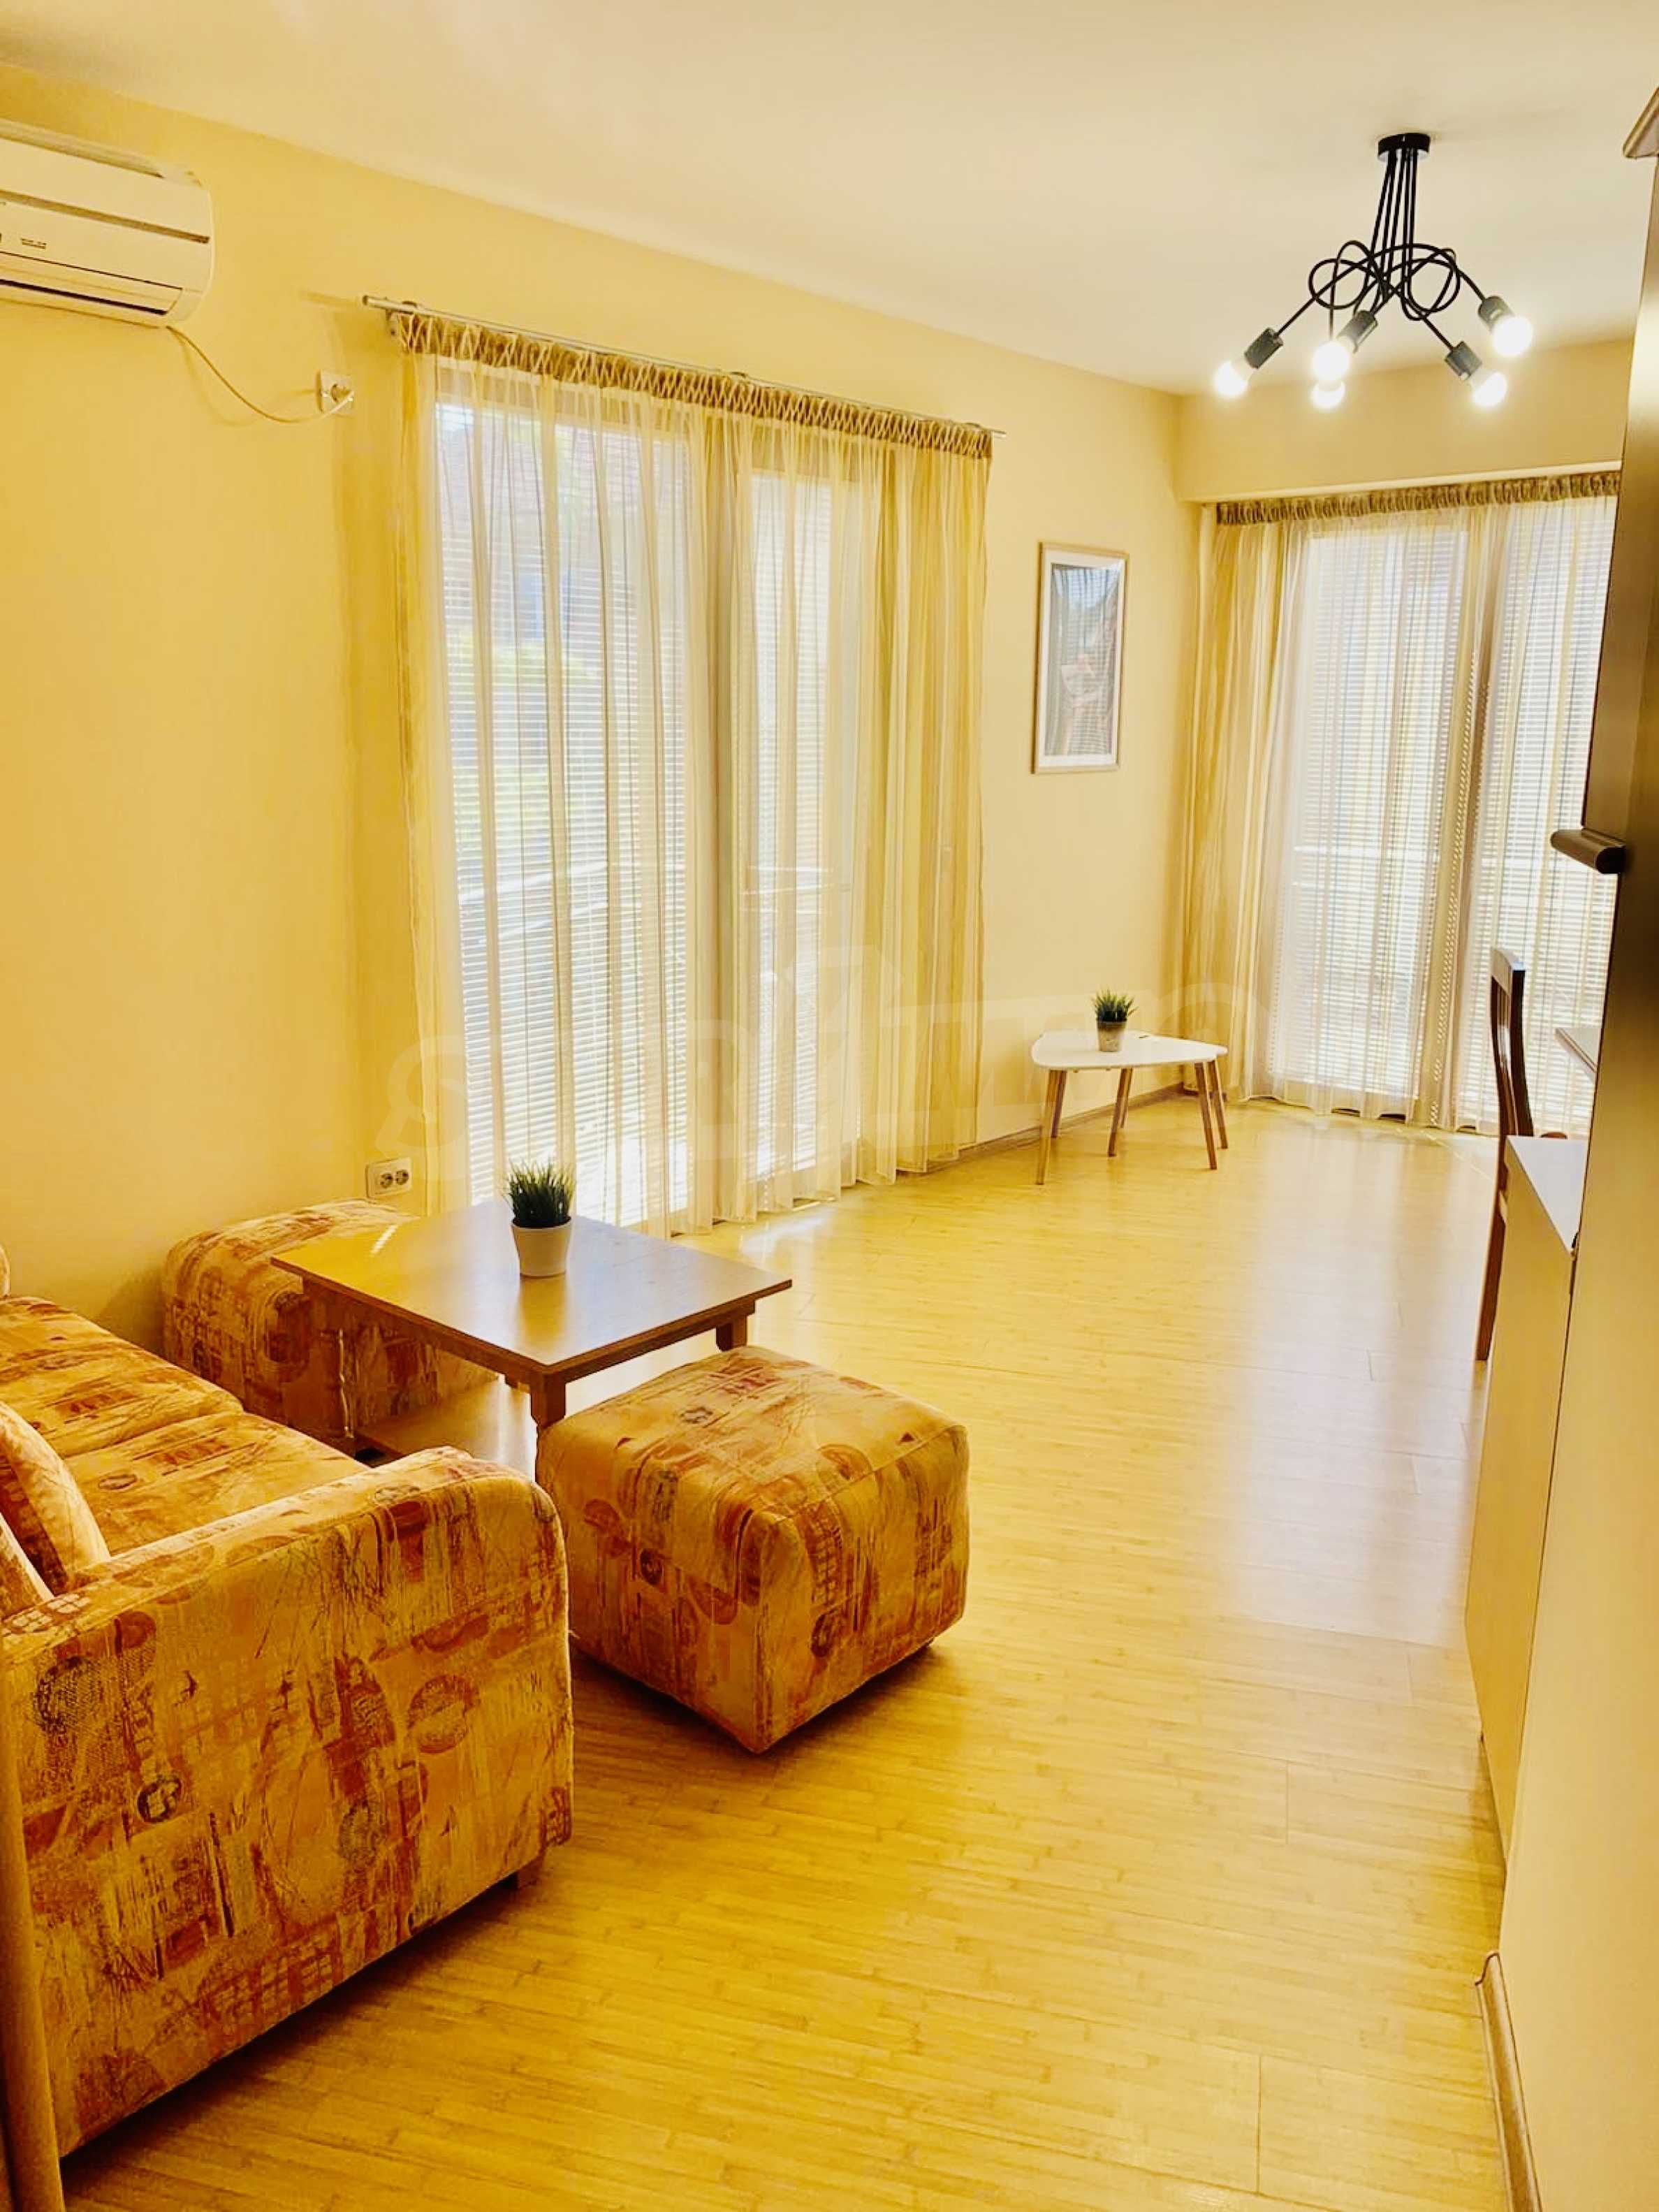 Apartment for rent in Veliko Tarnovo  5